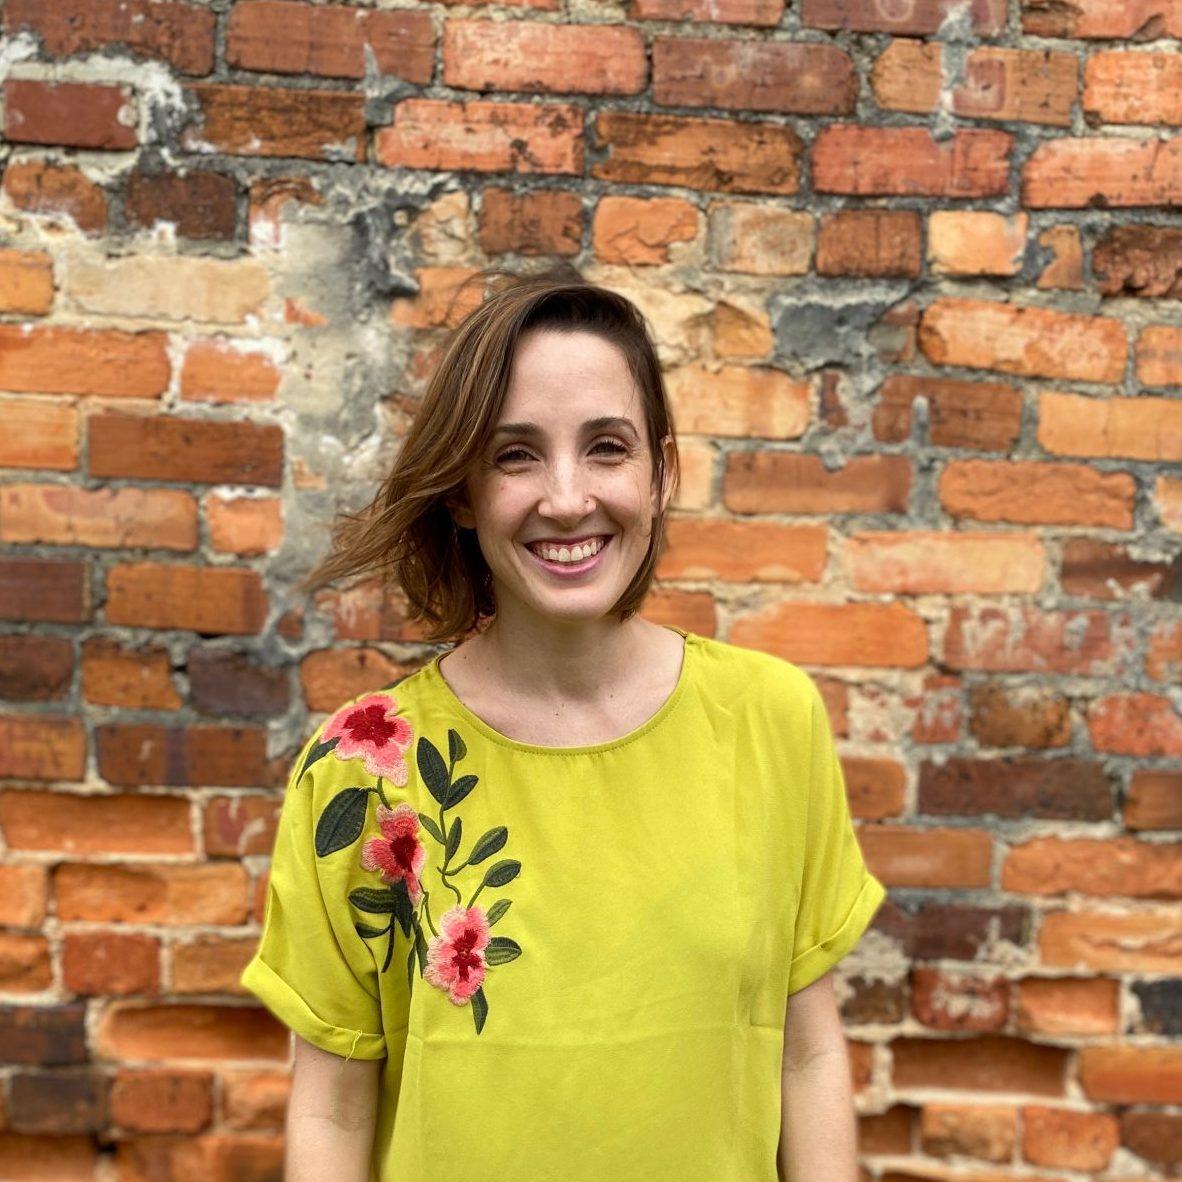 Sydney Robertson